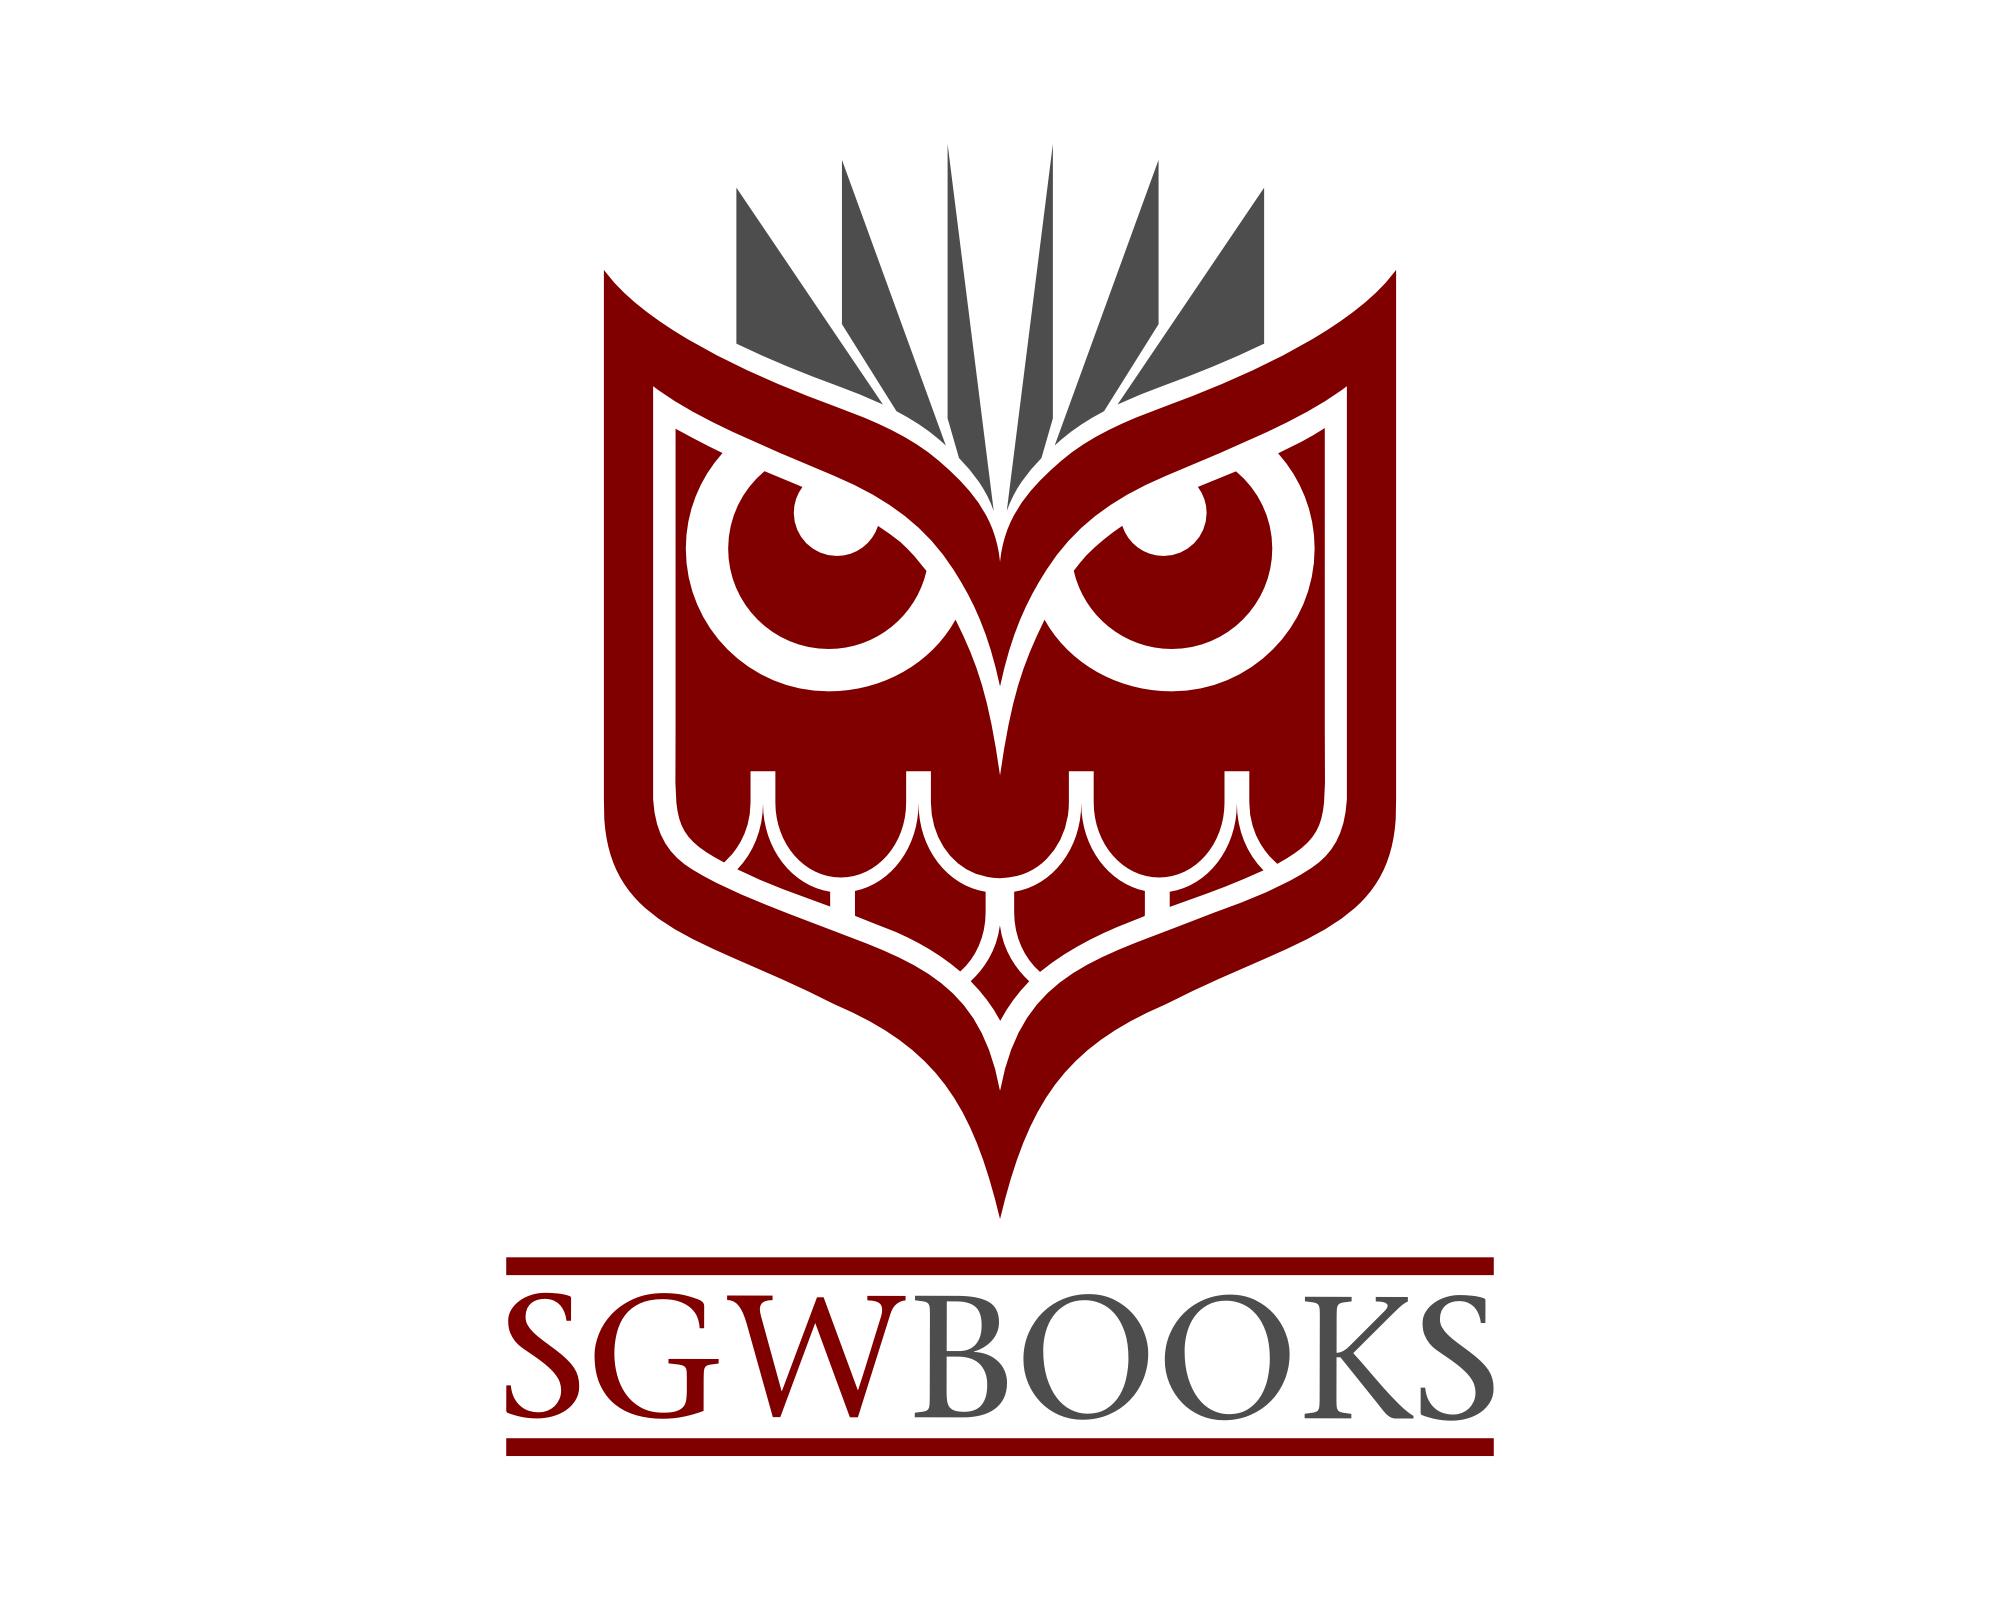 Logo Design by explogos - Entry No. 87 in the Logo Design Contest SGW Books Logo Design.